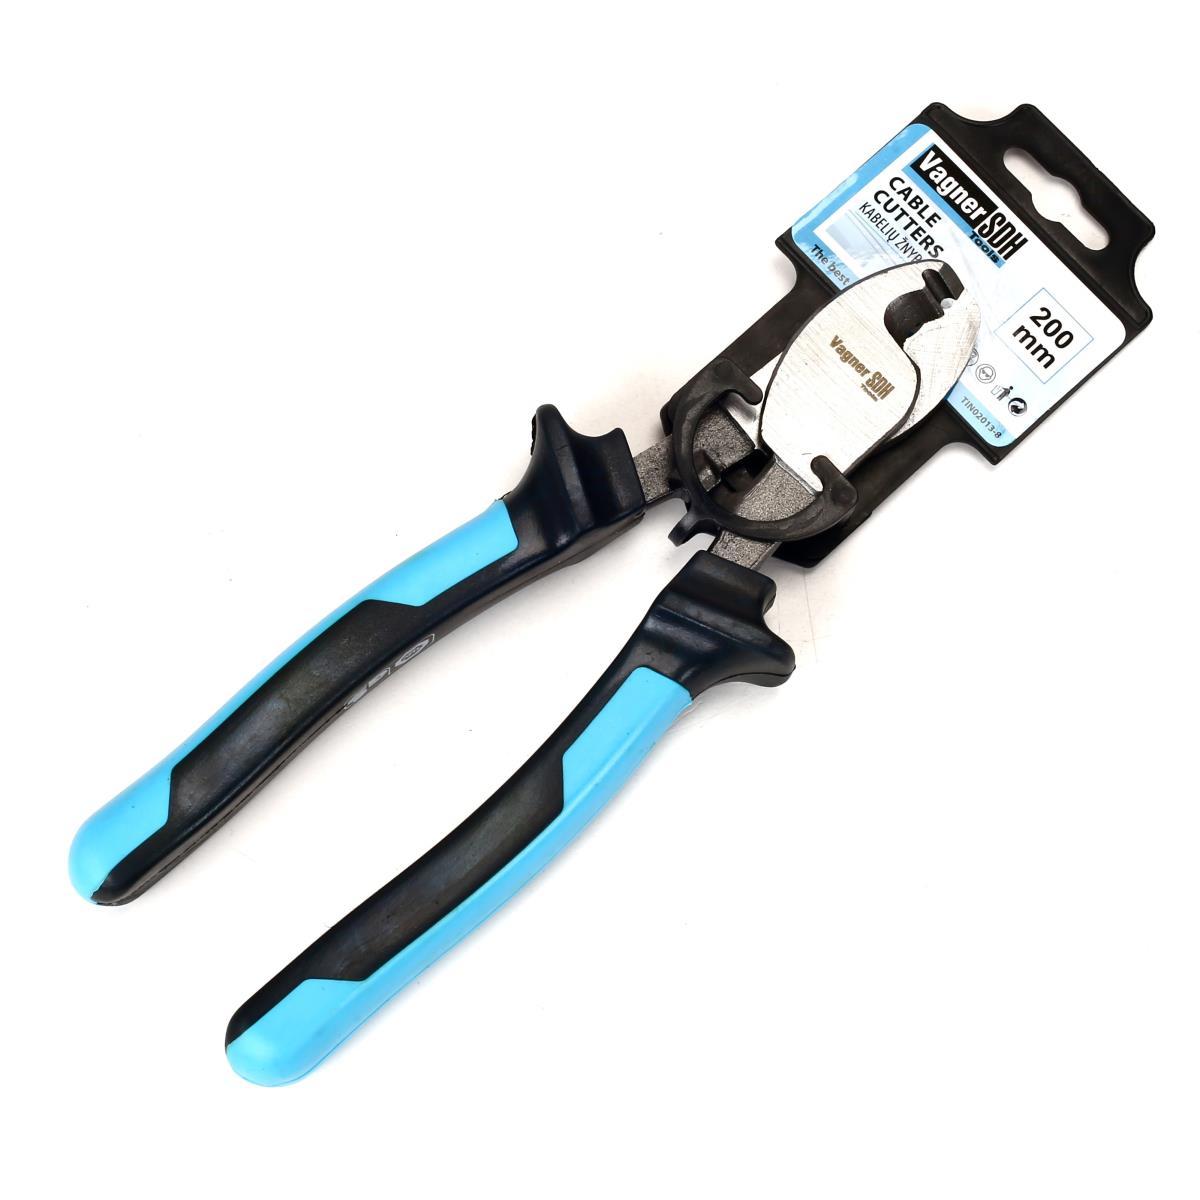 Kabelschneider Kabeltrenner Kabelcutter Zange 200 mm,Vagner SDH,TIN02013-8, 4770364239106